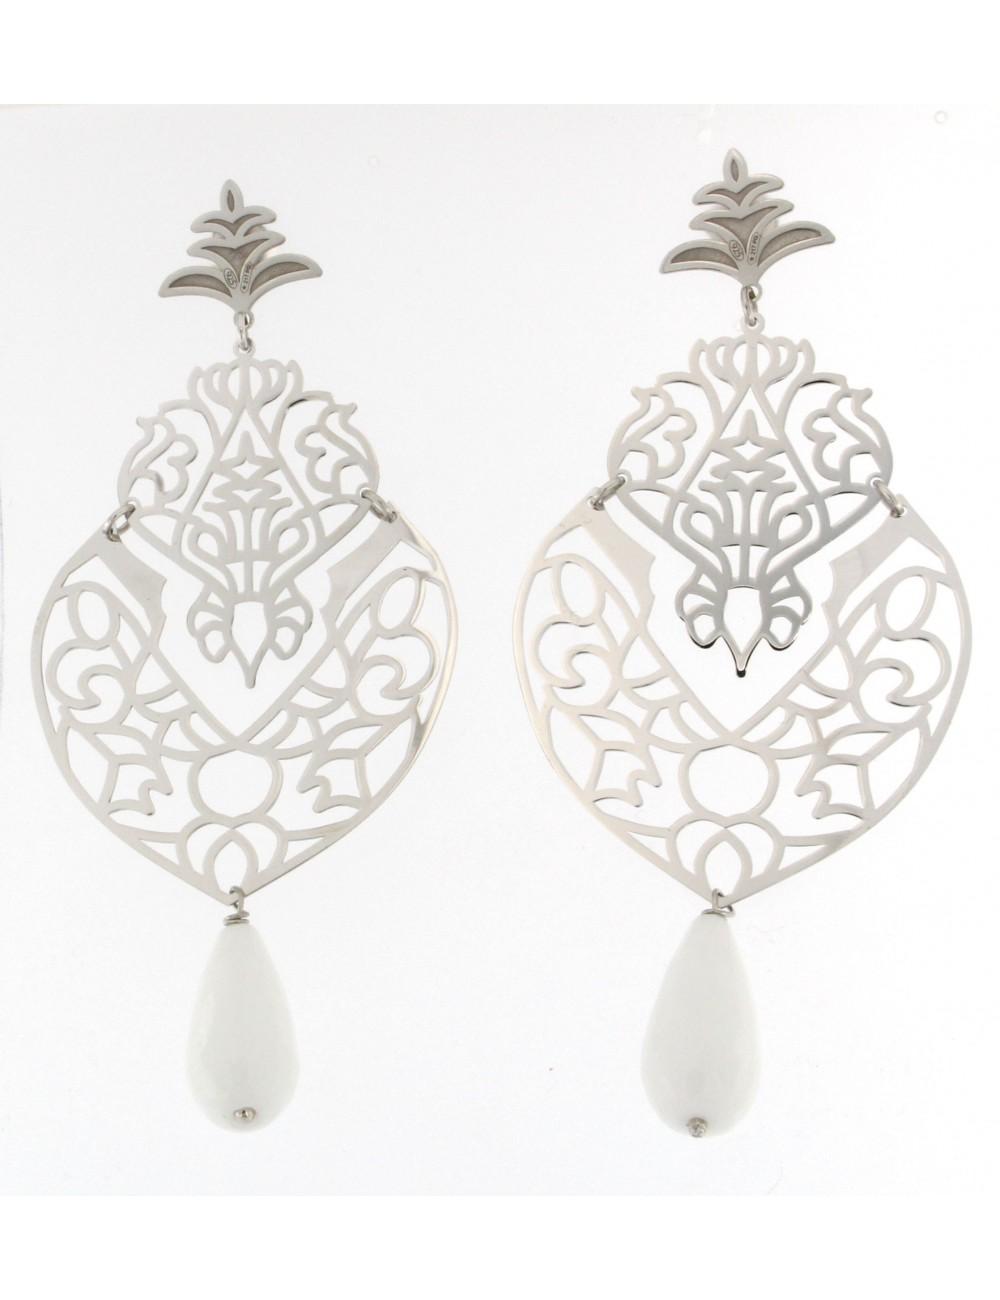 orecchini Linea Marrakech in argento 925 con goccia in agata bianca